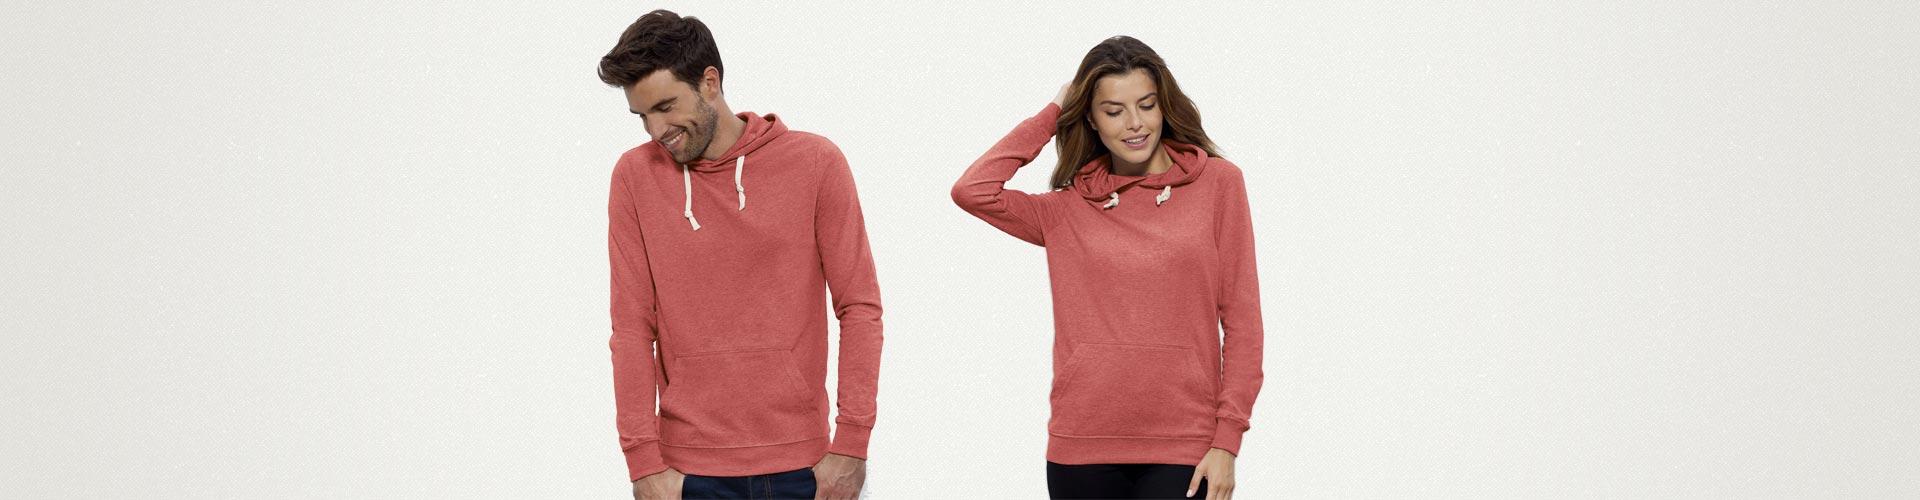 Bio Sweatshirts